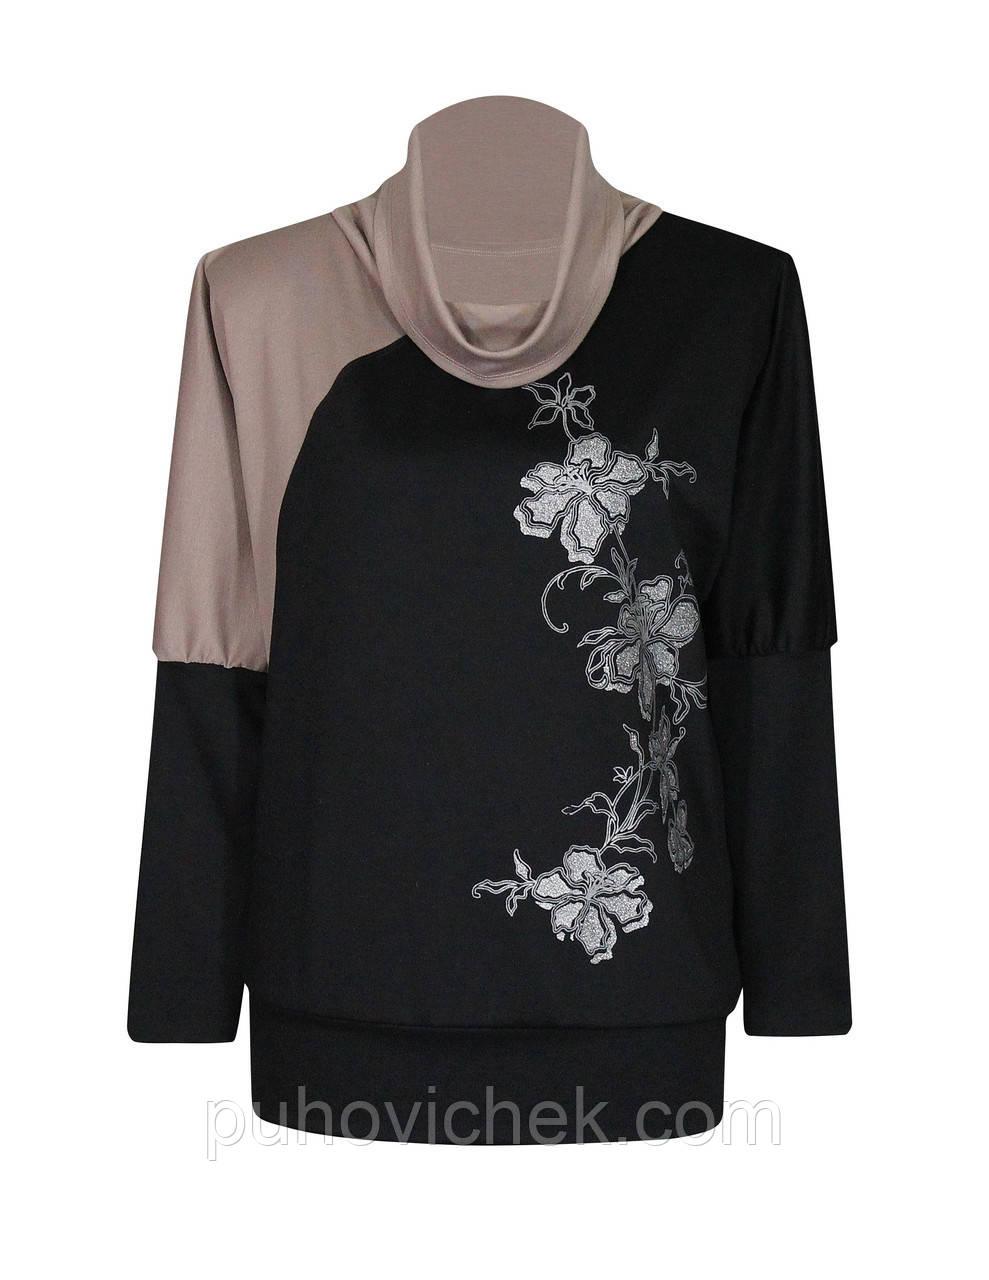 fbe1b1908e4 Женские свитера кофты больших размеров купить недорого интернет ...